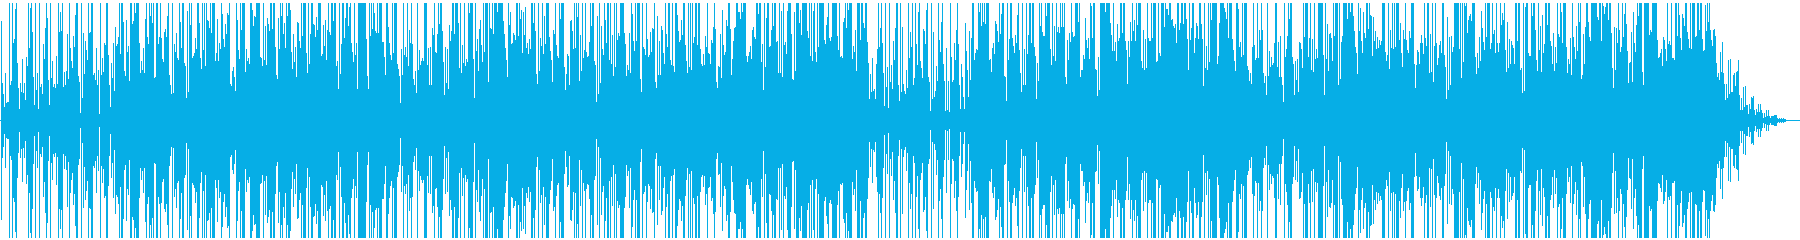 淡々と進む緊迫感のあるBGMの再生済みの波形